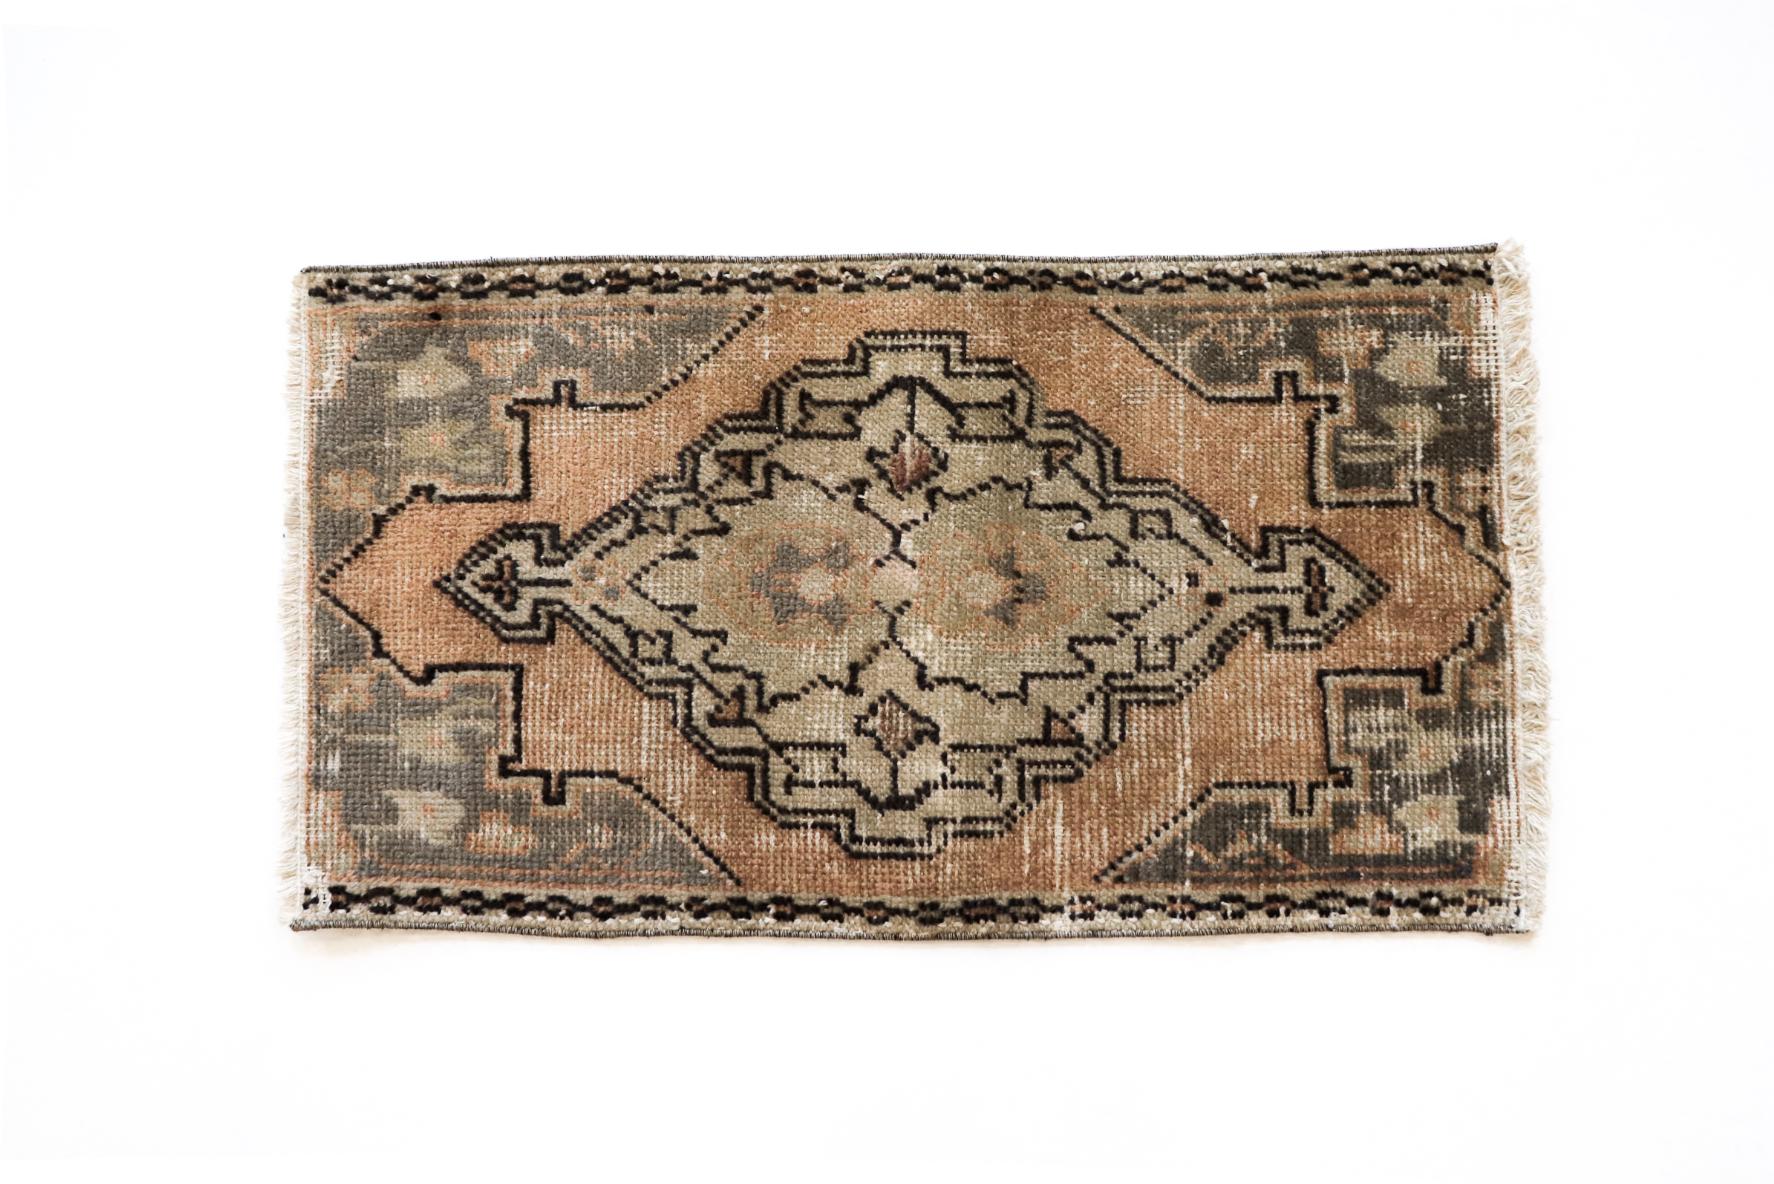 Handmade Vintage Turkish Kilim Rug - Tan and Brown